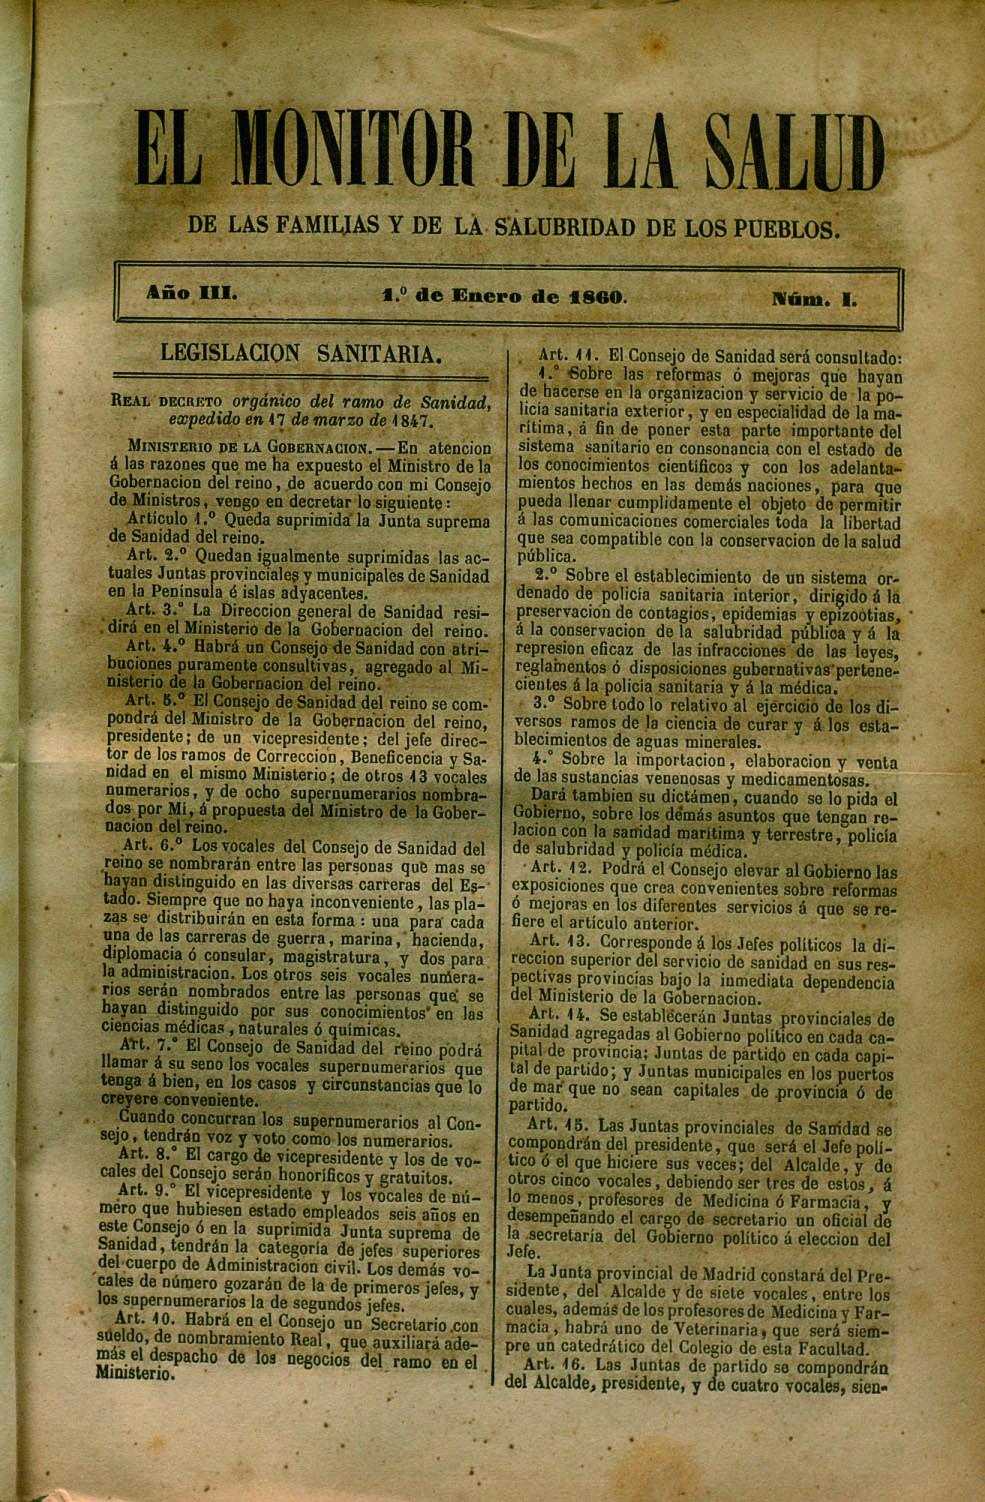 El Monitor de la salud de las familias y de la salubridad de los pueblos: revista de higiene pública y privada (1860-1863)